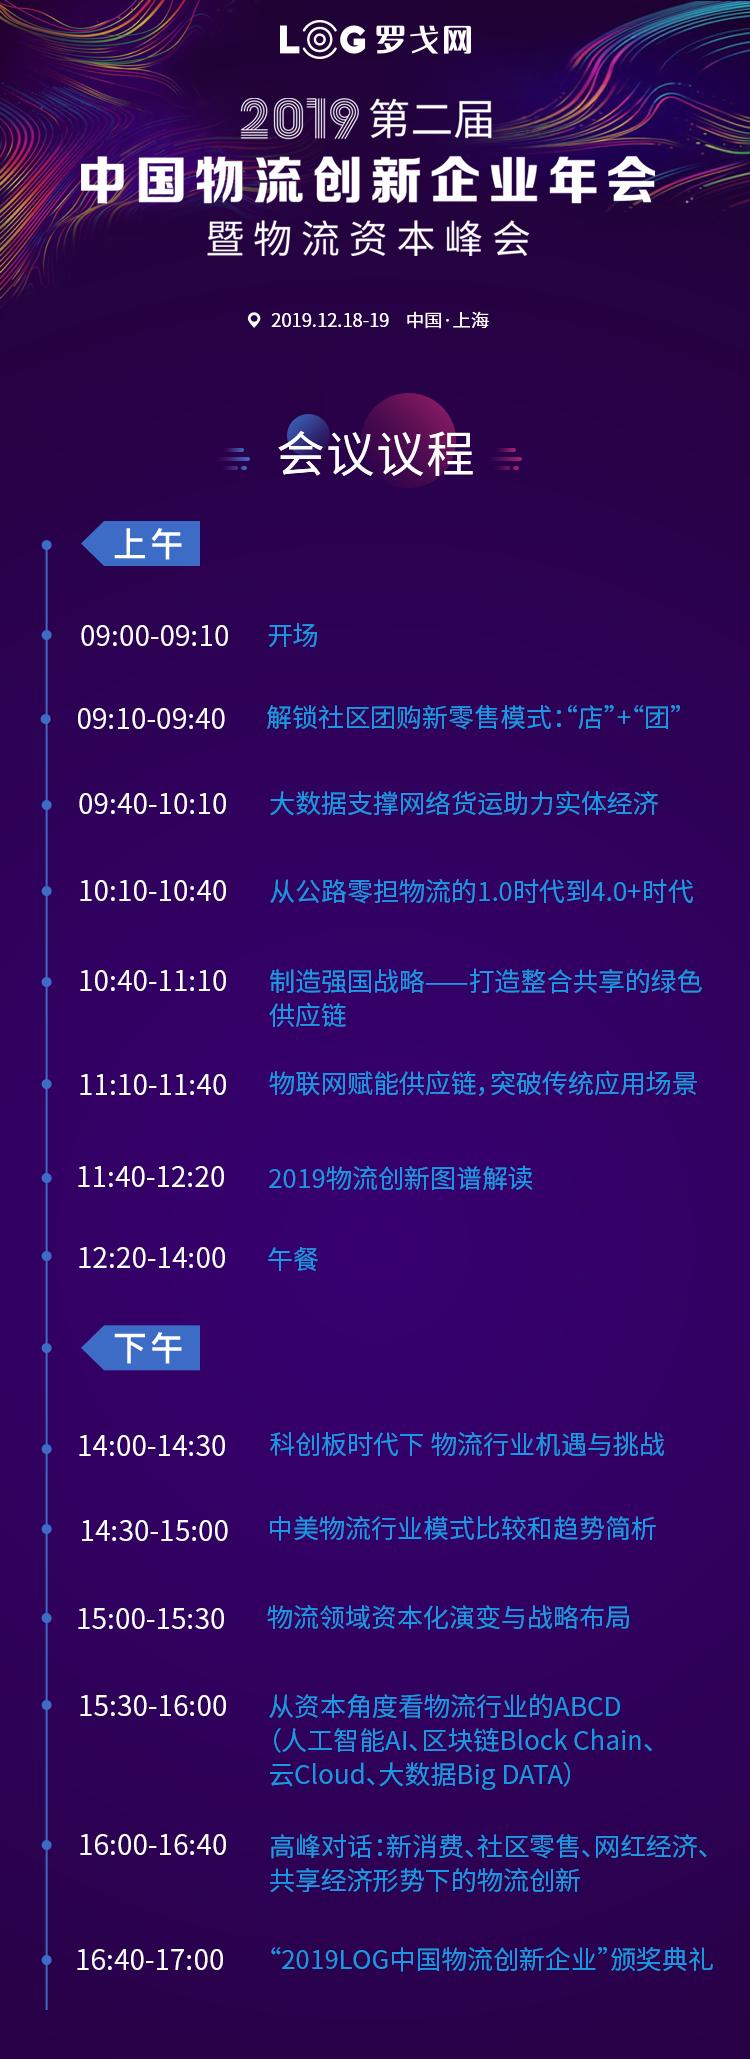 2019第二届中国物流创新企业年会暨物流资本峰会(上海)